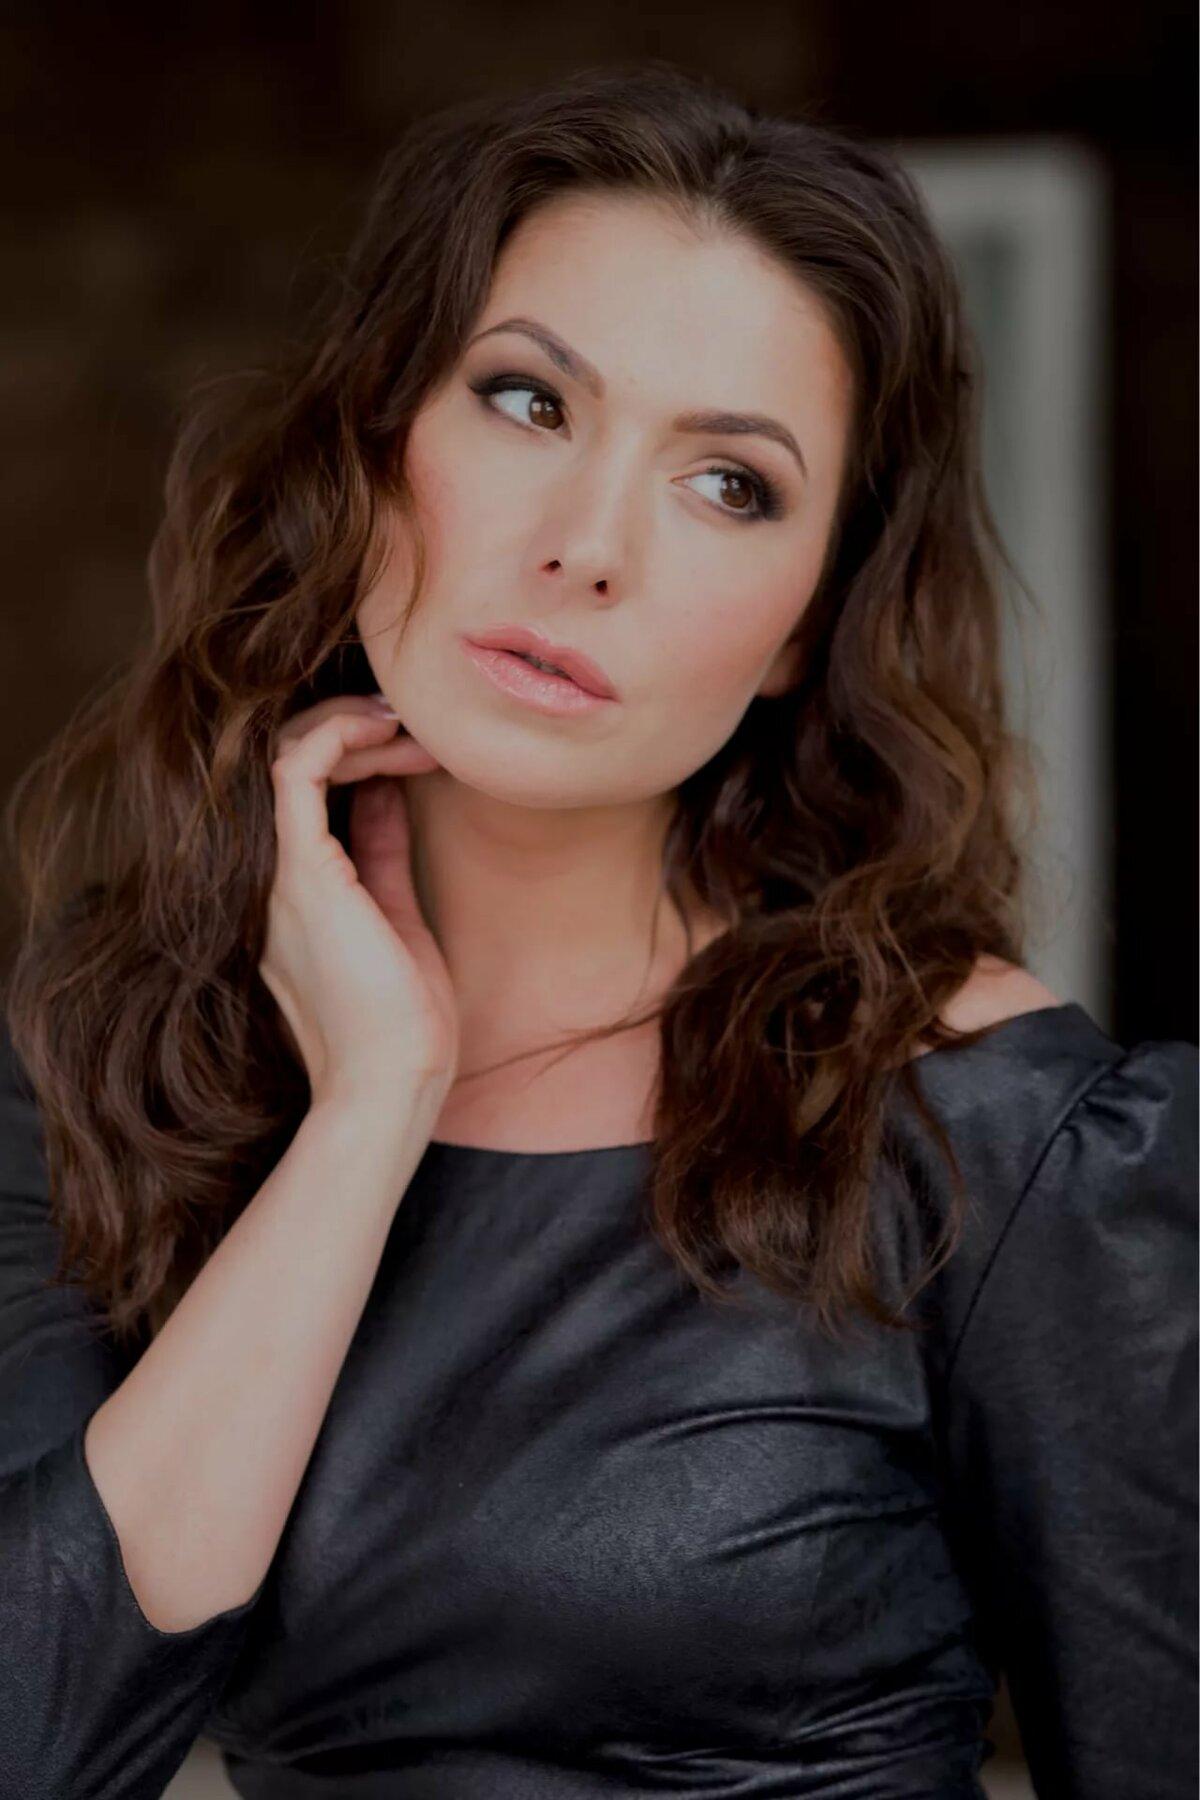 пирог актриса ирина ефремова биография фото денег